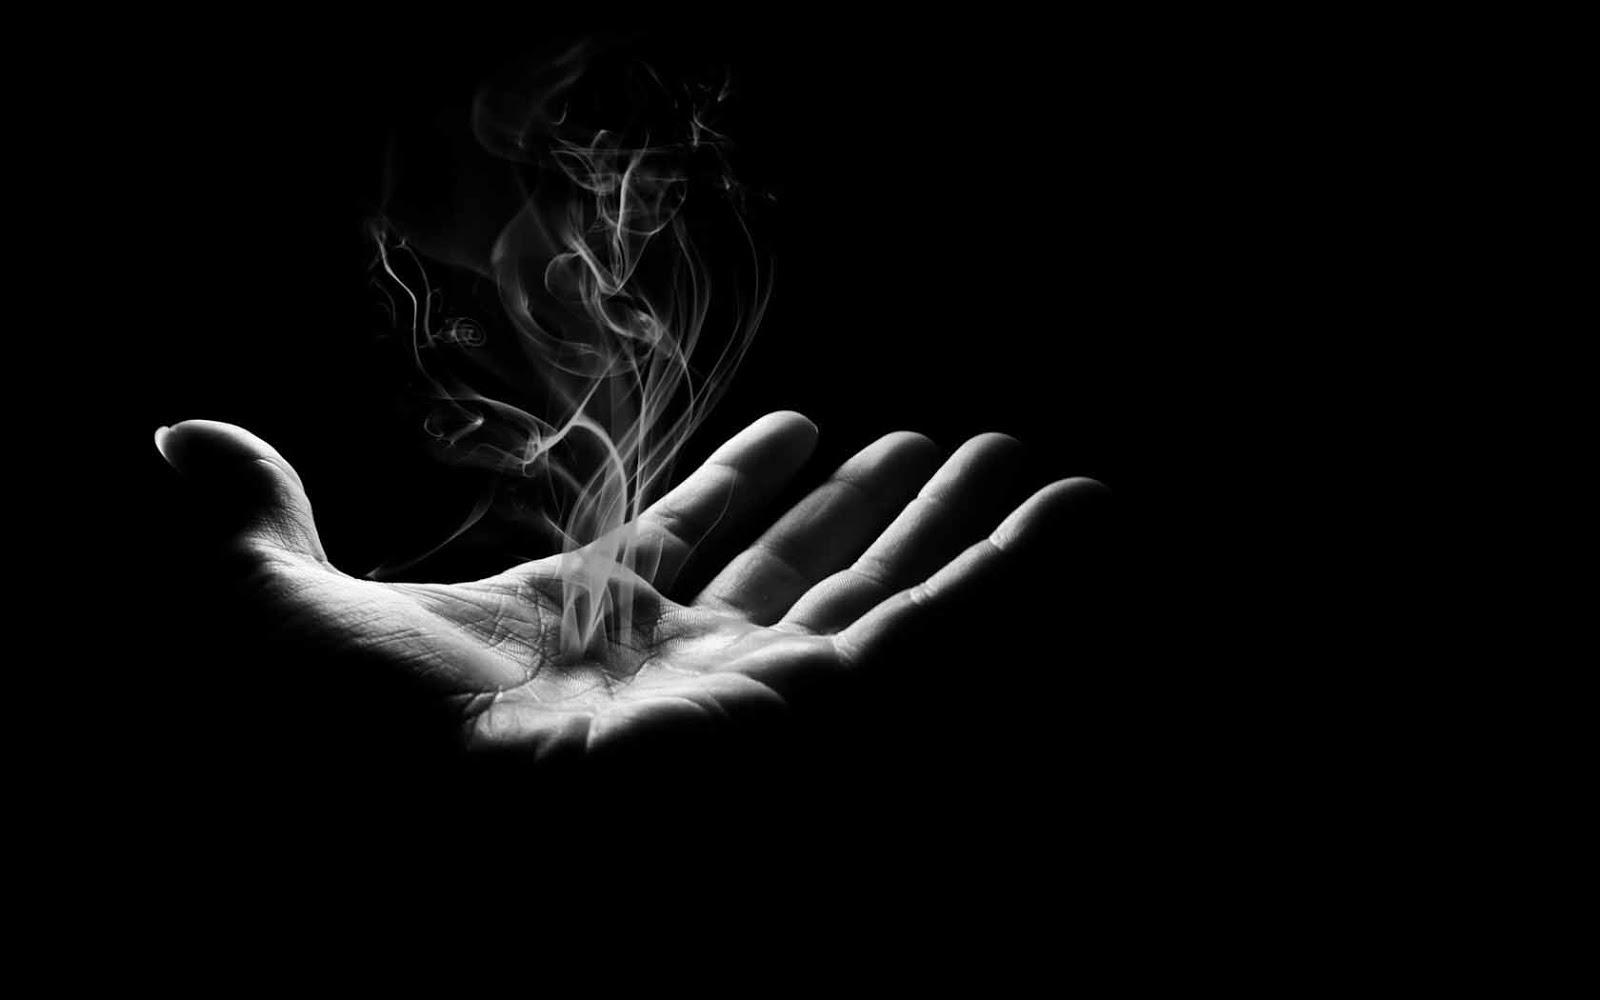 Violet Smoke Art Wallpapers: I Quit Smoking. Again